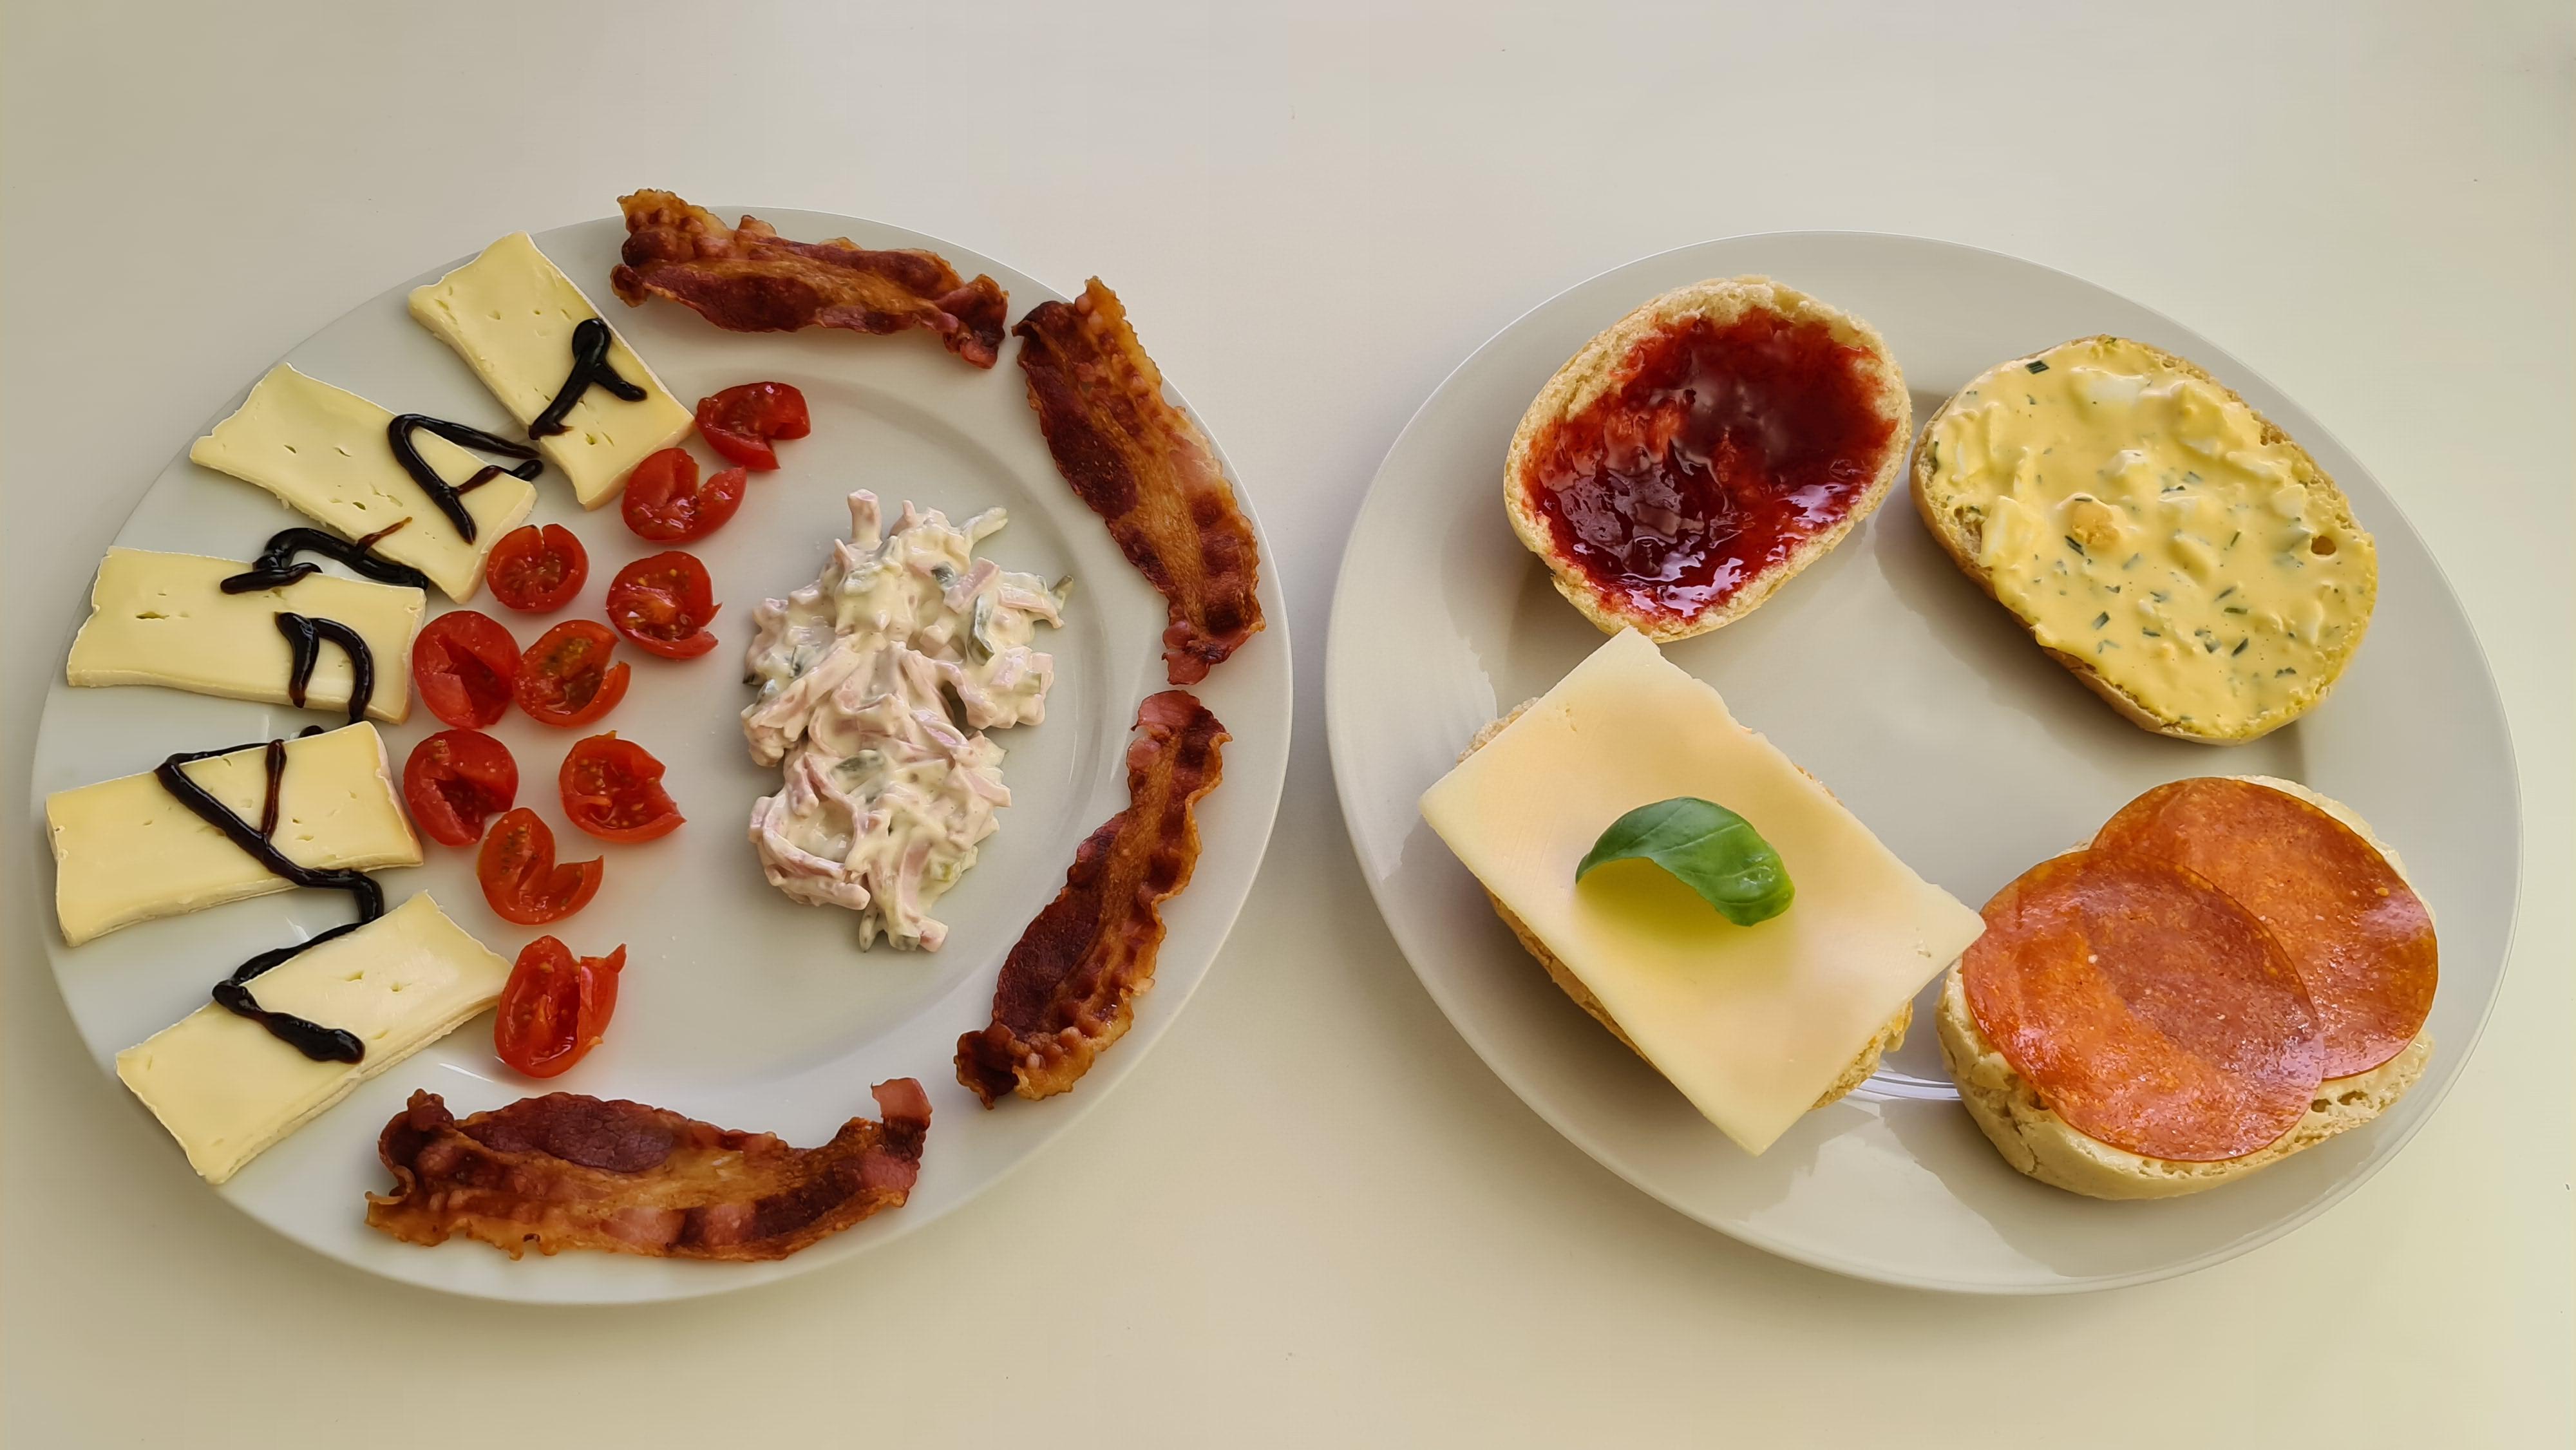 https://foodloader.net/Holz_2020-04-19_Fruehstueck.jpg